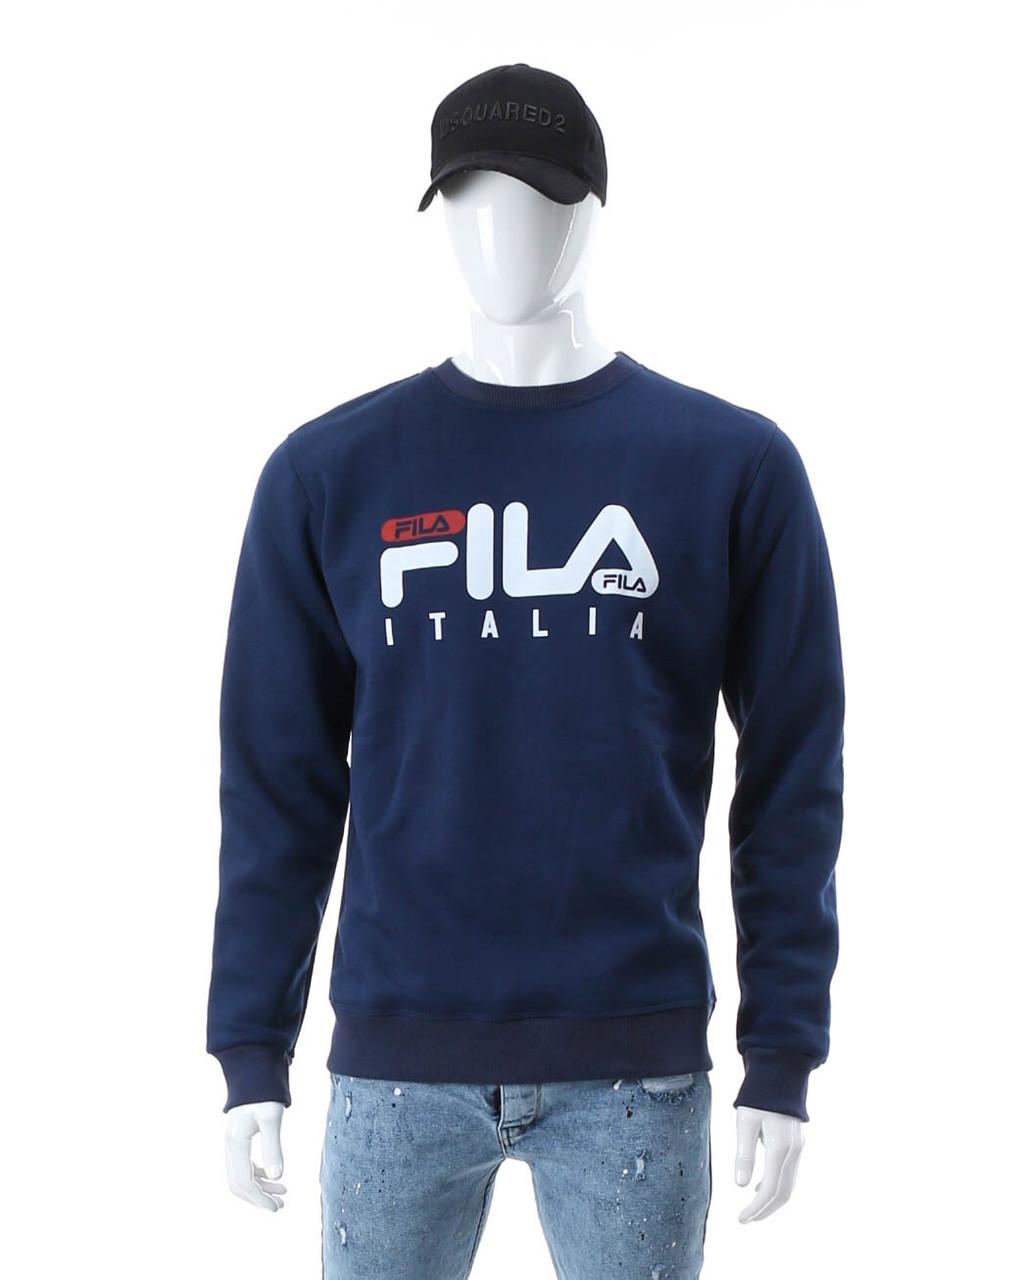 """Свитшот осень-зима индиго FILA """"ITALIA"""" с лого IND S(Р) 19-423-003"""